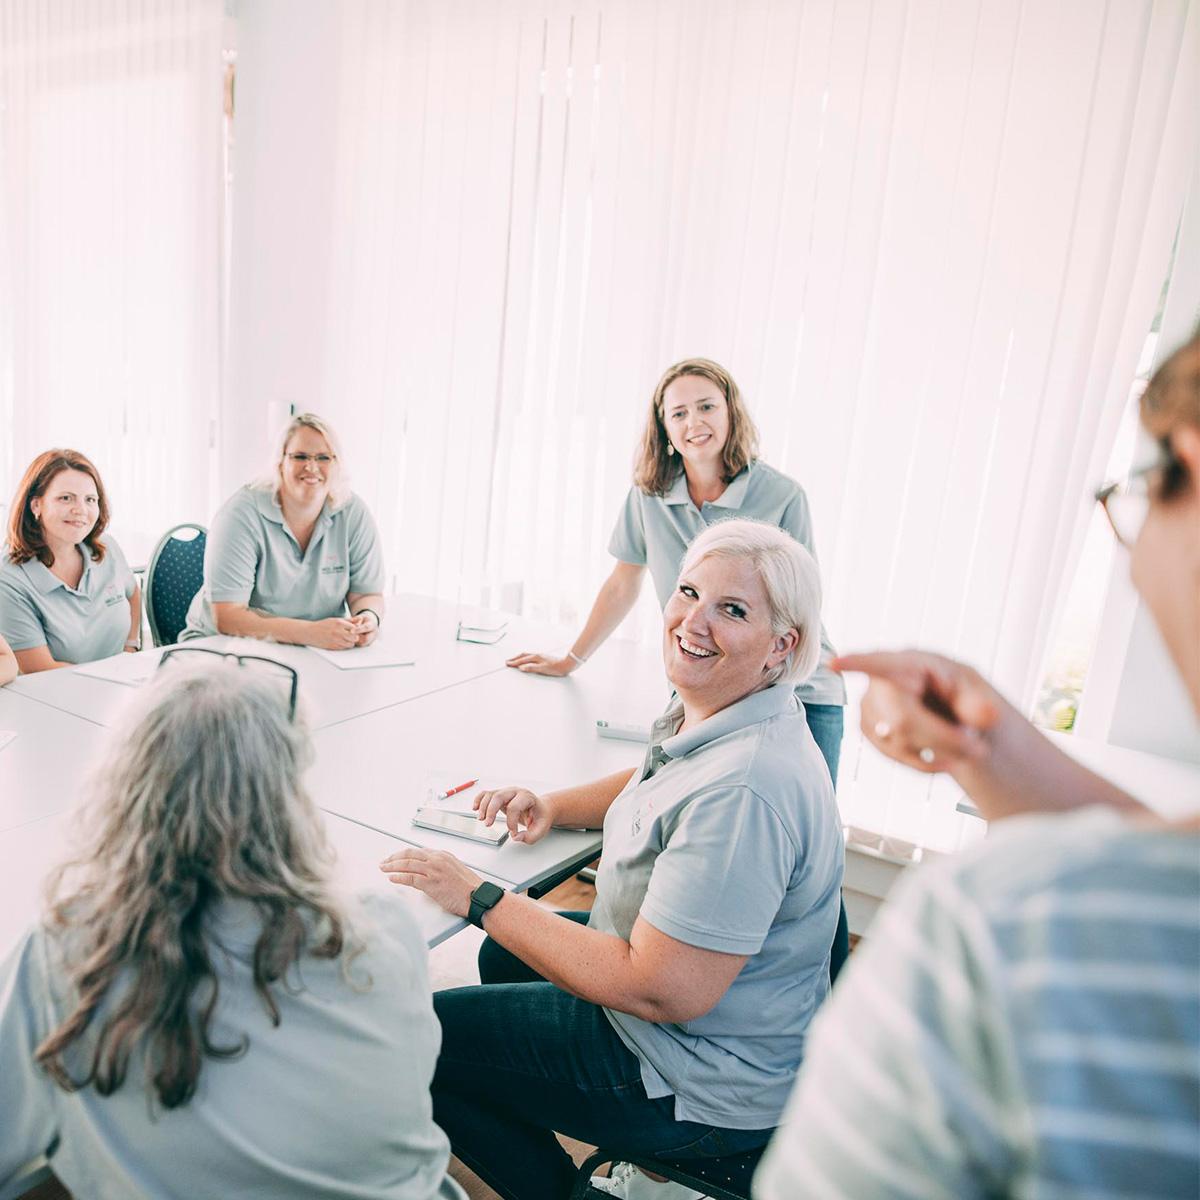 Das MeDi-Zahn-Team hat Spaß bei Abrechnung und Praxismanagement für Ihre Zahnarztpraxis